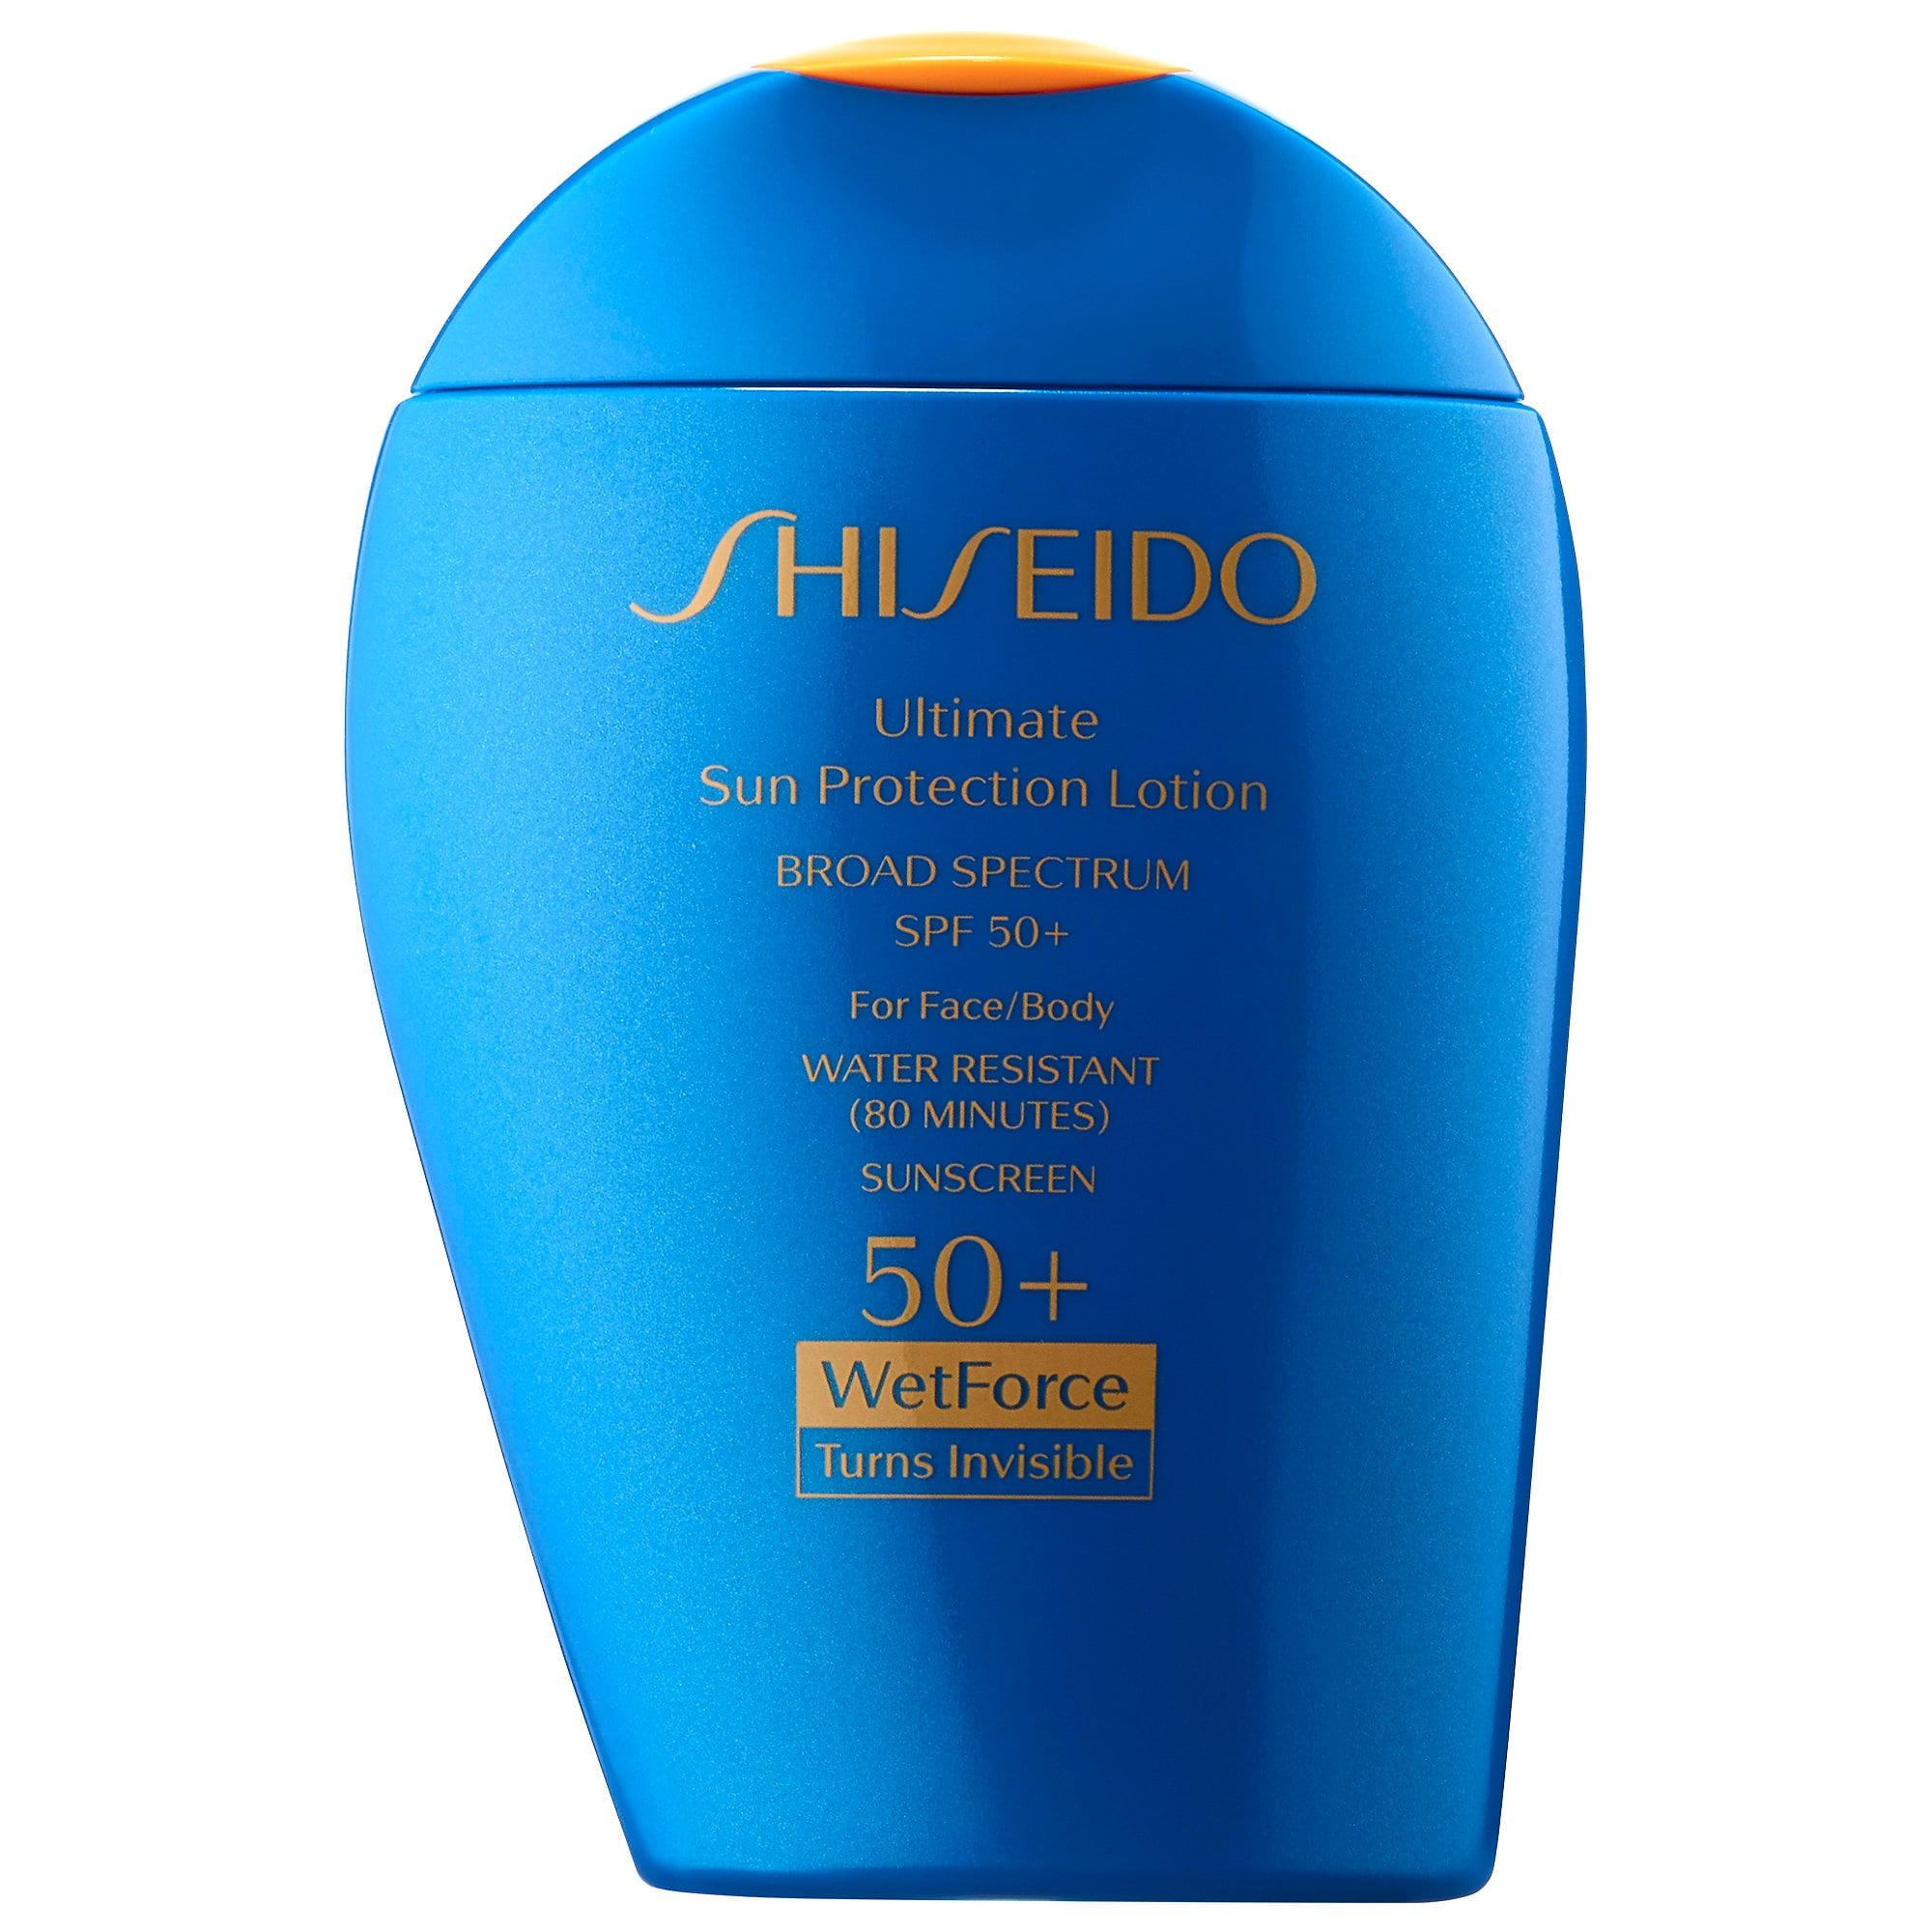 Shiseido Ultimate Sun Protection Lotion WetForce Broad Spectrum Sunscreen SPF 50+ - Este protector puedes usarlo tanto en el rostro como en el cuerpo y ofrece un filtro solar de 50 además se absorbe rápidamente para una mejor sensación. (Suministrada)